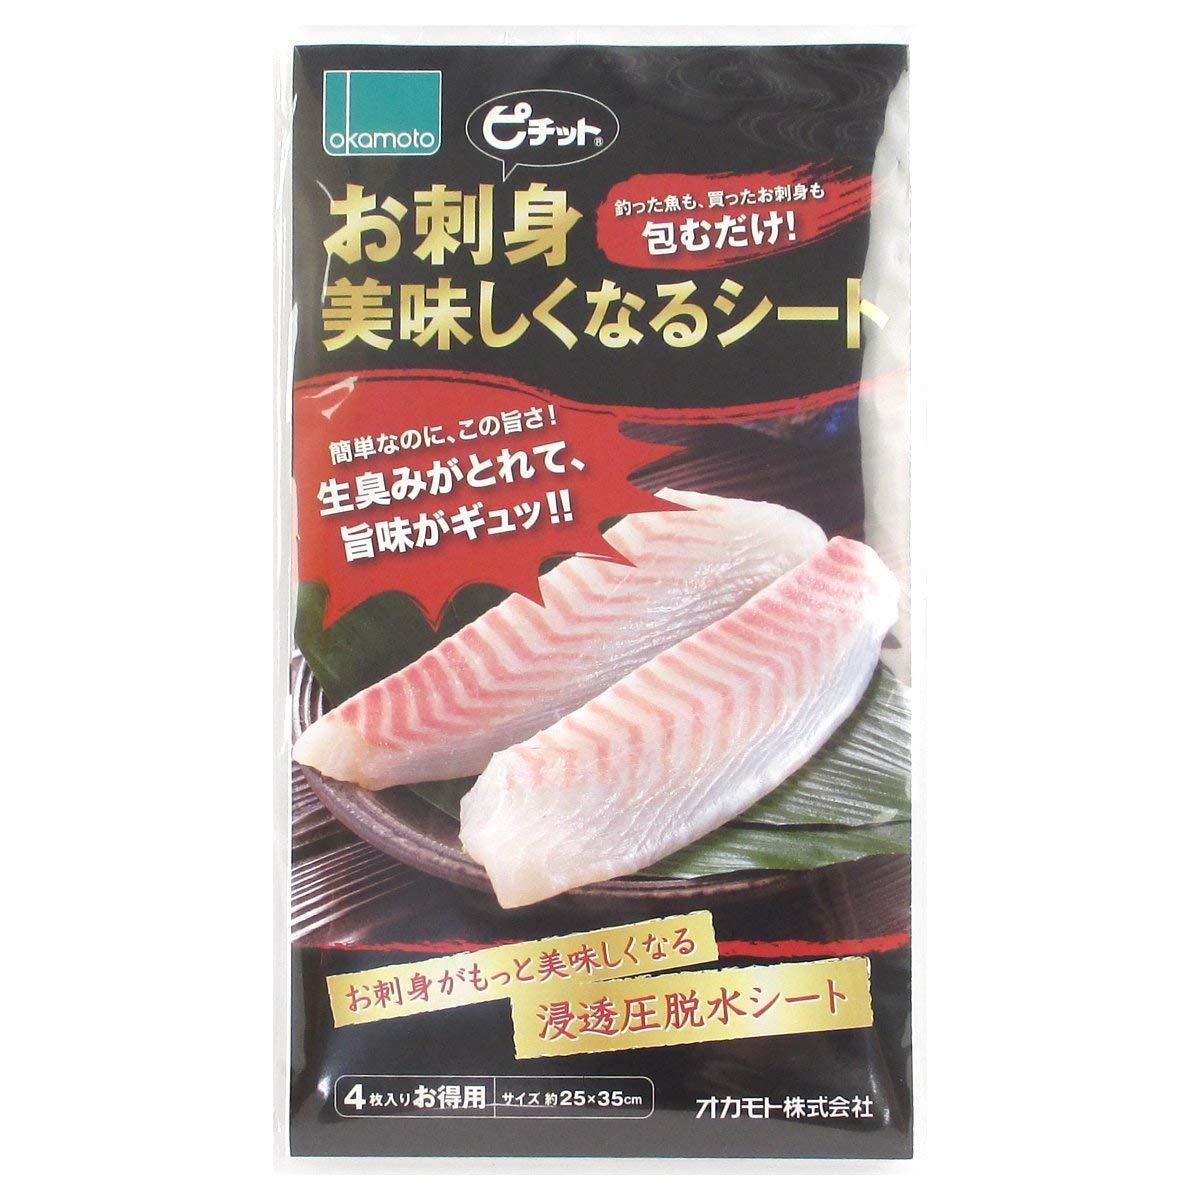 オカモト(okamoto) ピチット お刺身美味しくなるシート